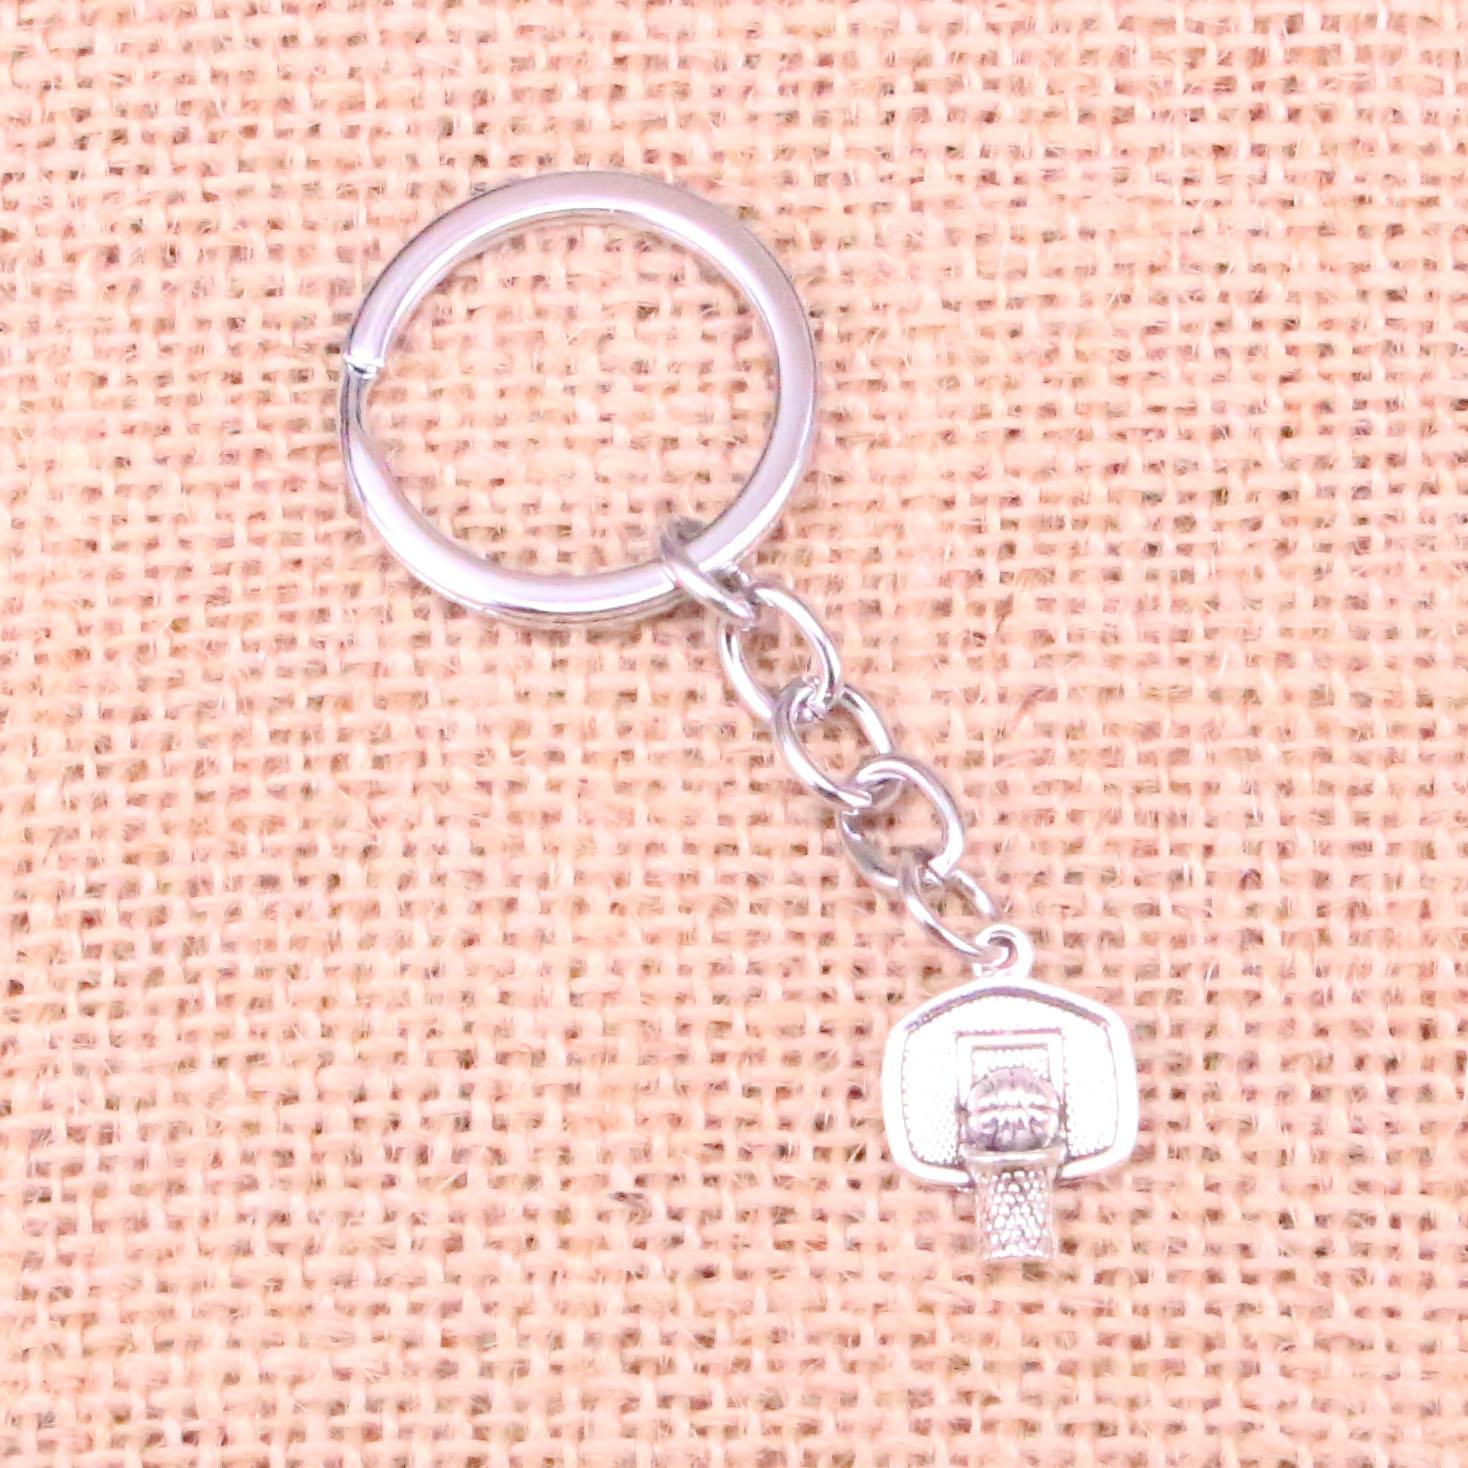 LLavero de canasta de baloncesto de 20 piezas 20*15mm colgantes coche llavero con anilla soporte recuerdo de llavero regalo de joyería